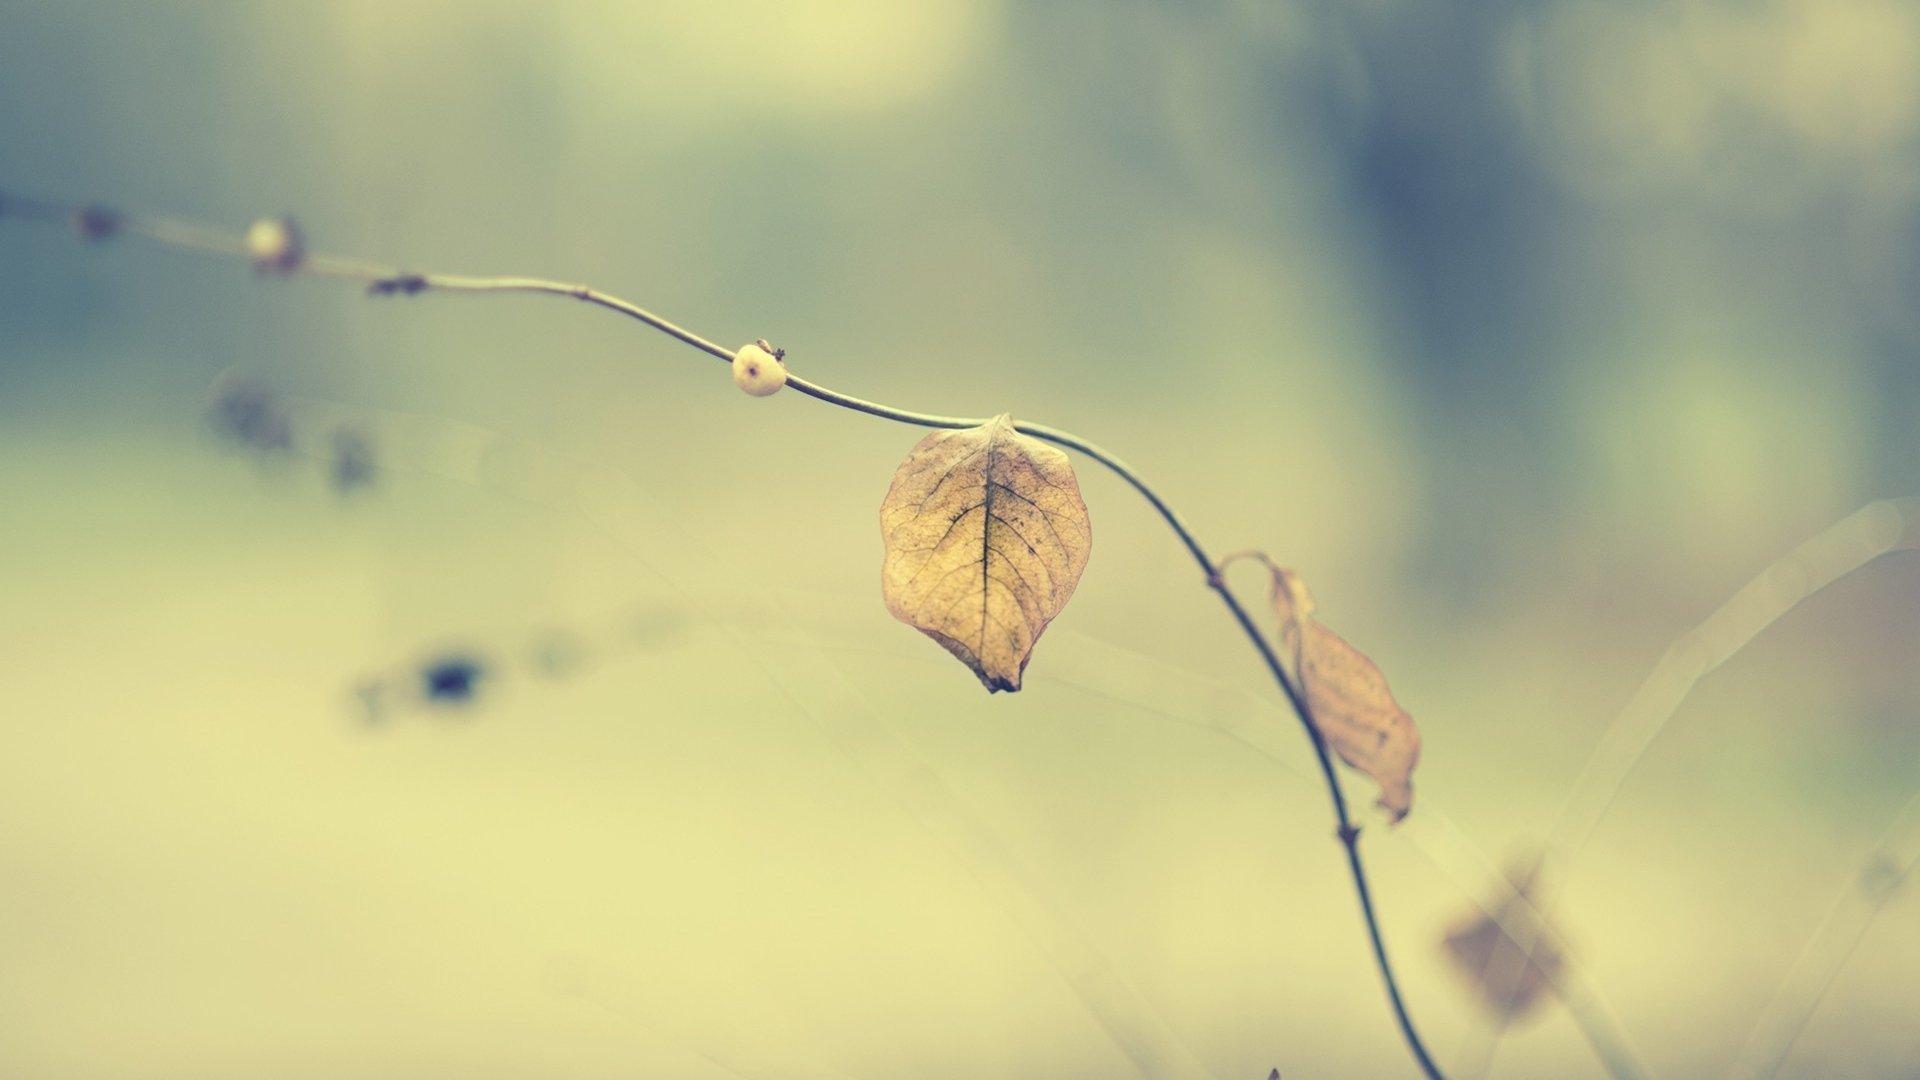 我们相遇就是一个错误感悟爱情的心酸情感语录说说